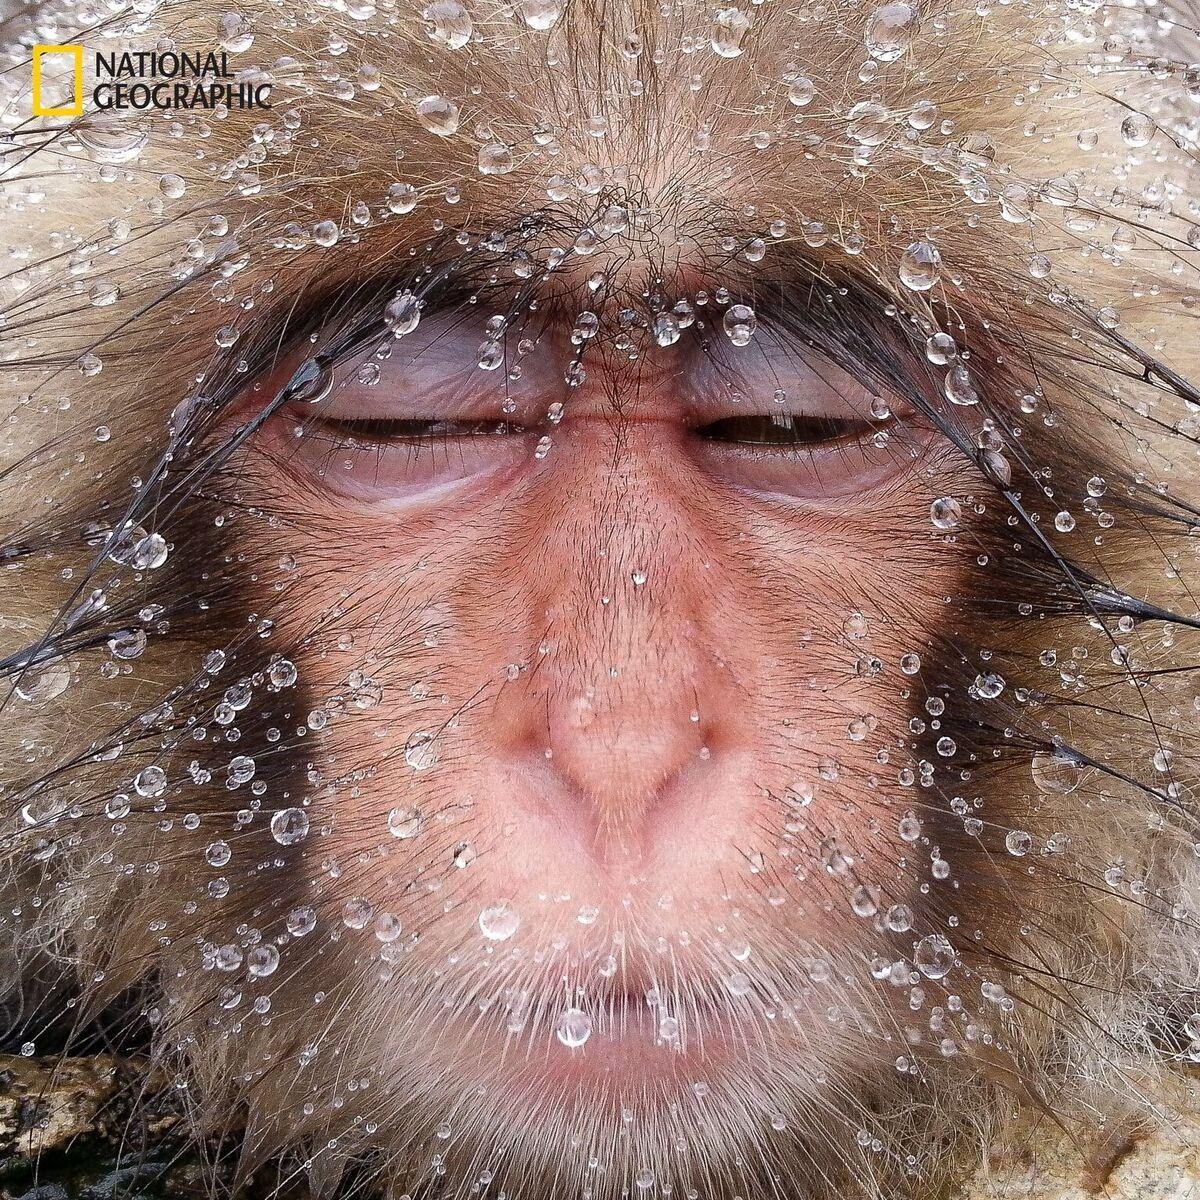 Los animales salvajes según National Geographic